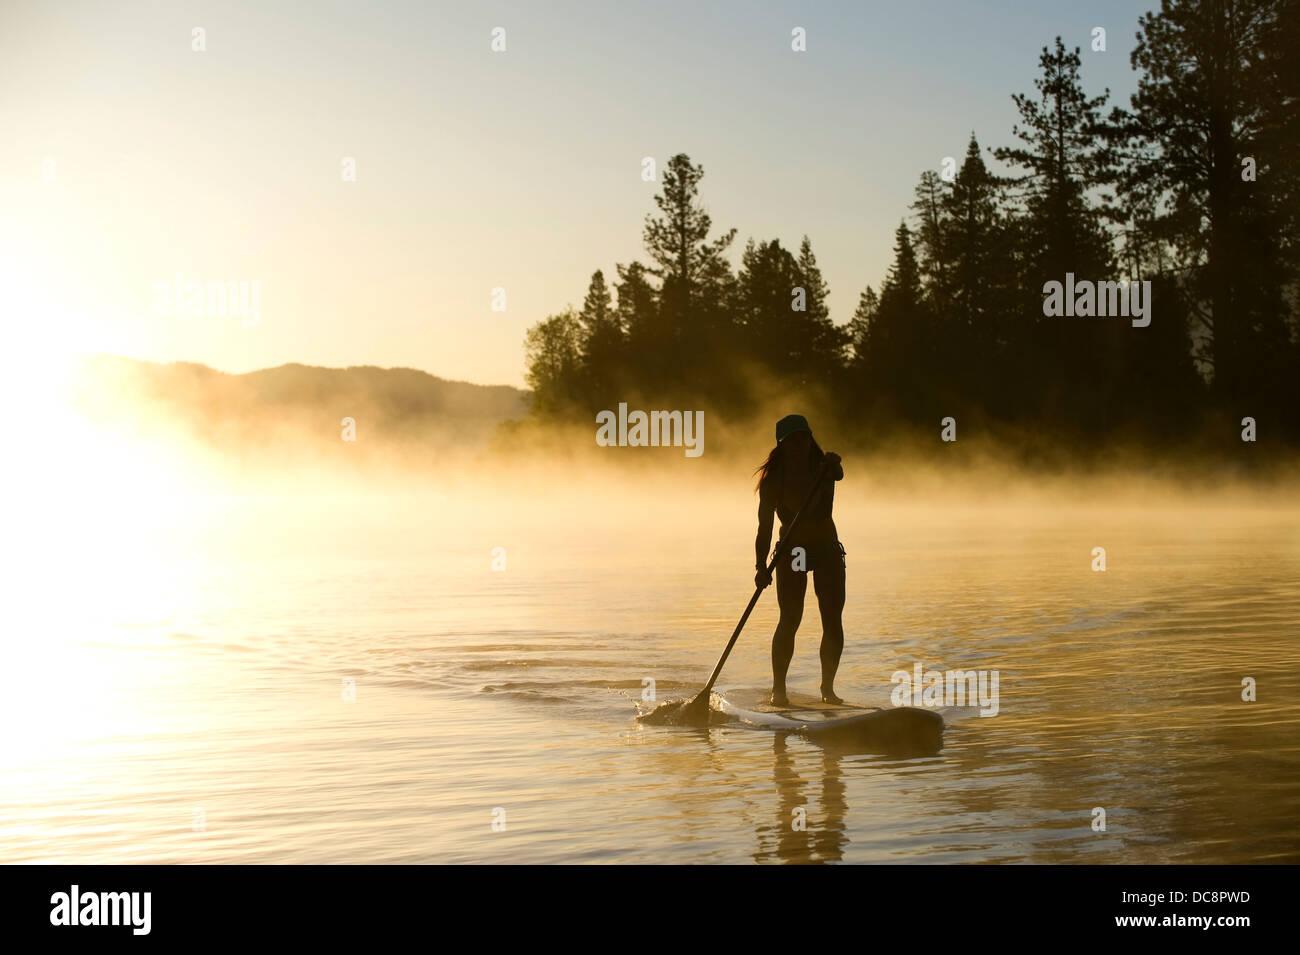 Una donna, si stagliano Stand Up Paddleboarding (SUP) all'alba nella nebbia in Lake Tahoe, CA. Immagini Stock